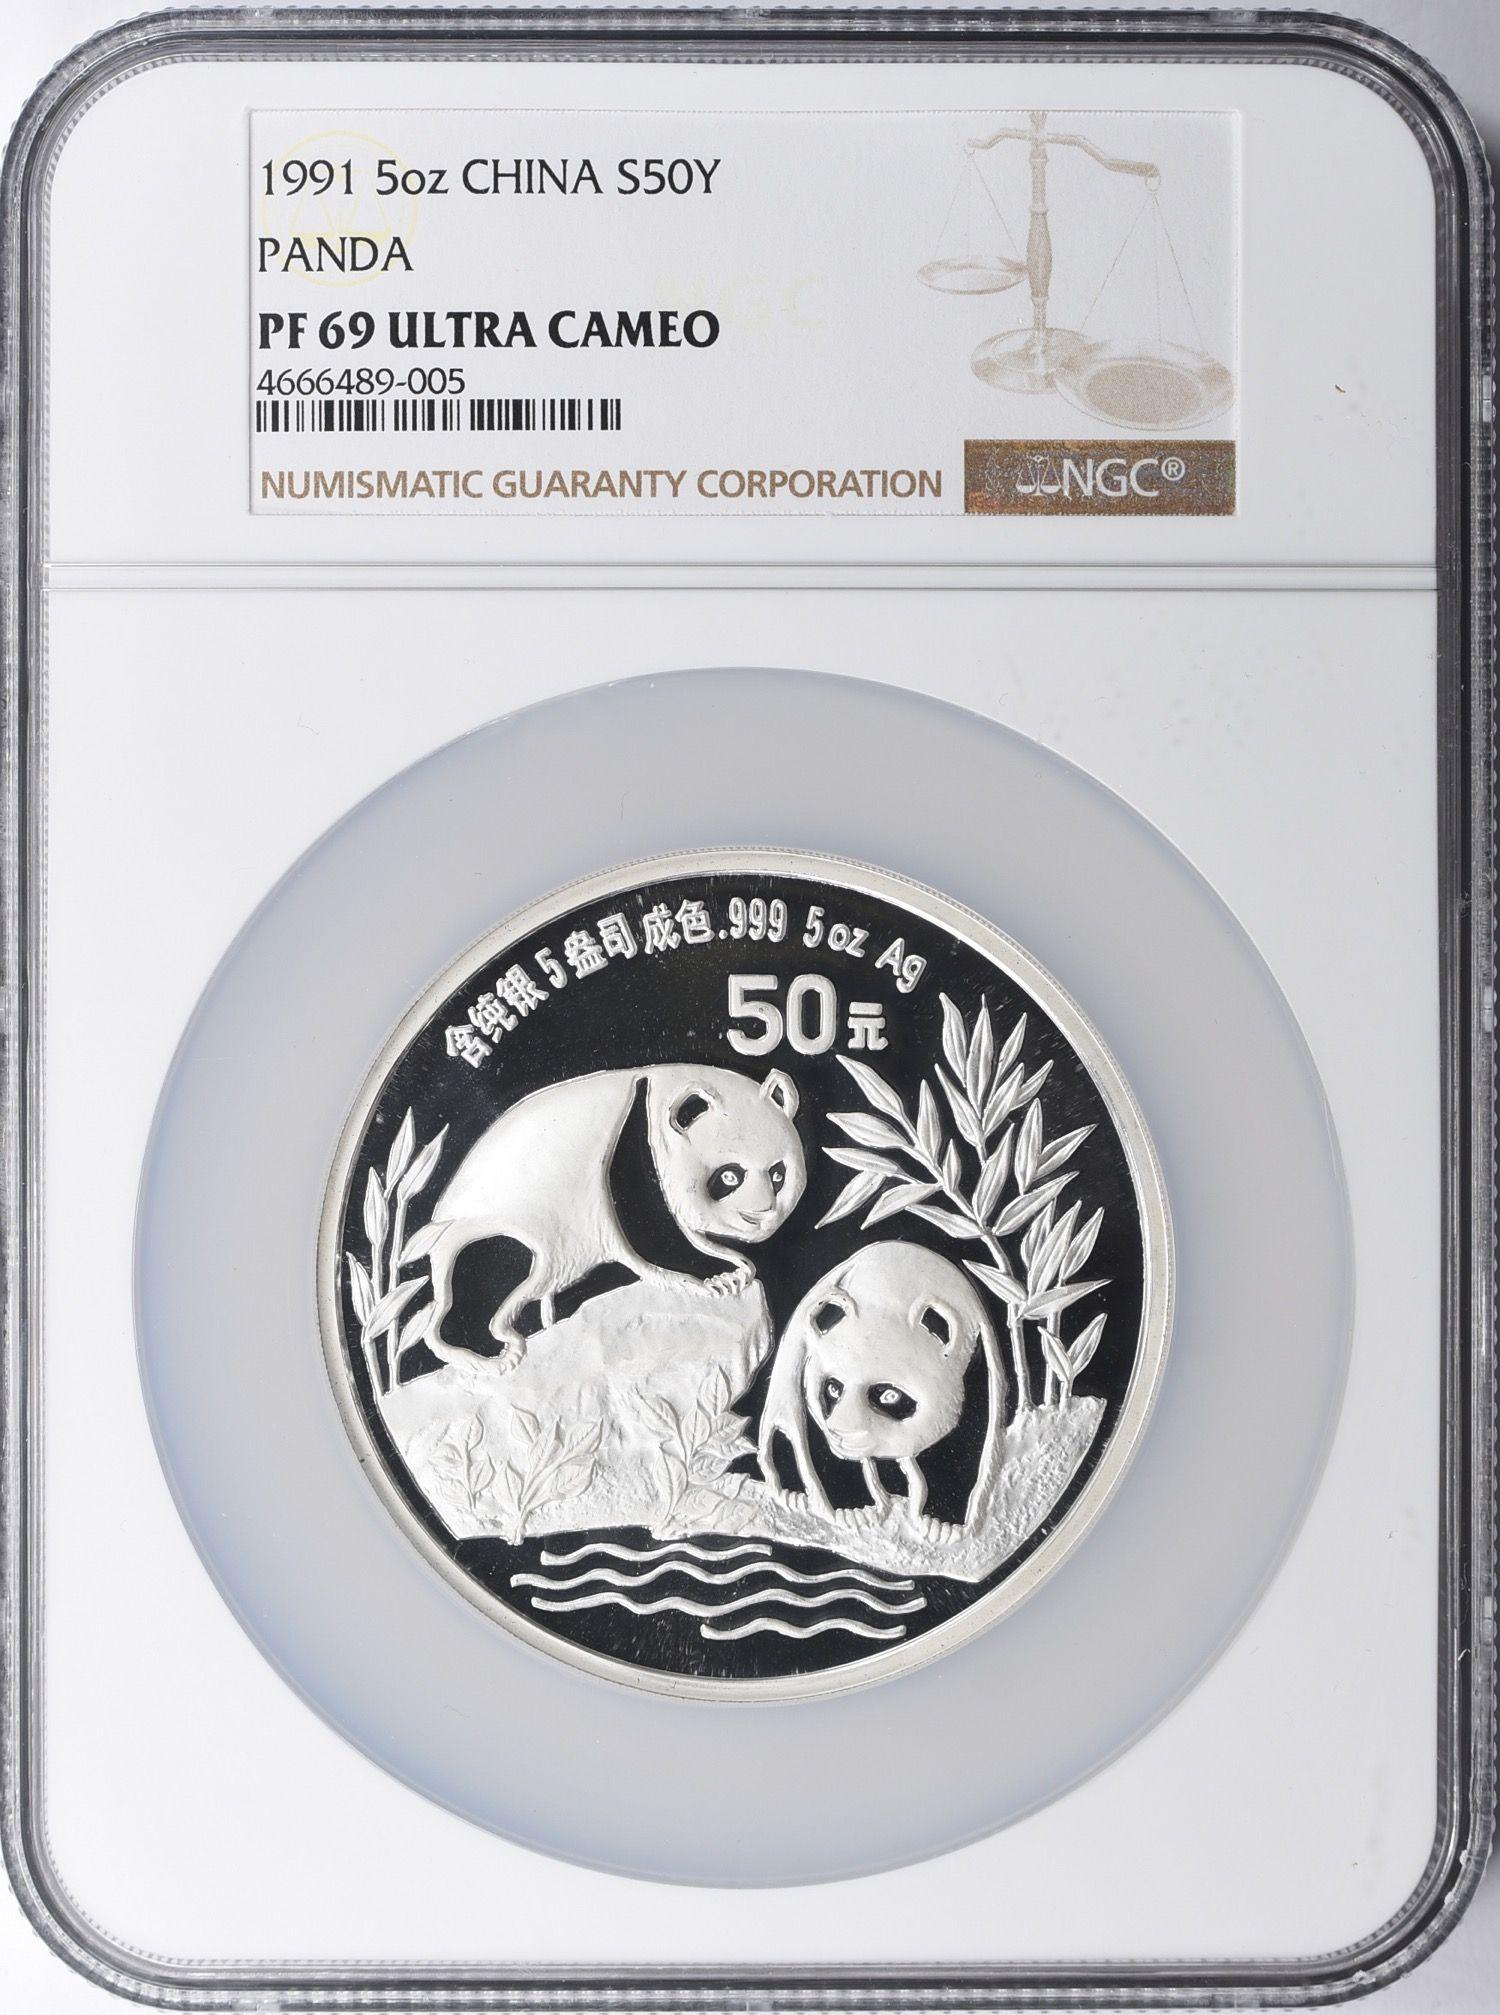 2010 China Panda 10 Yuan NGC MS69 1 Ounce Silver Coin SALE!